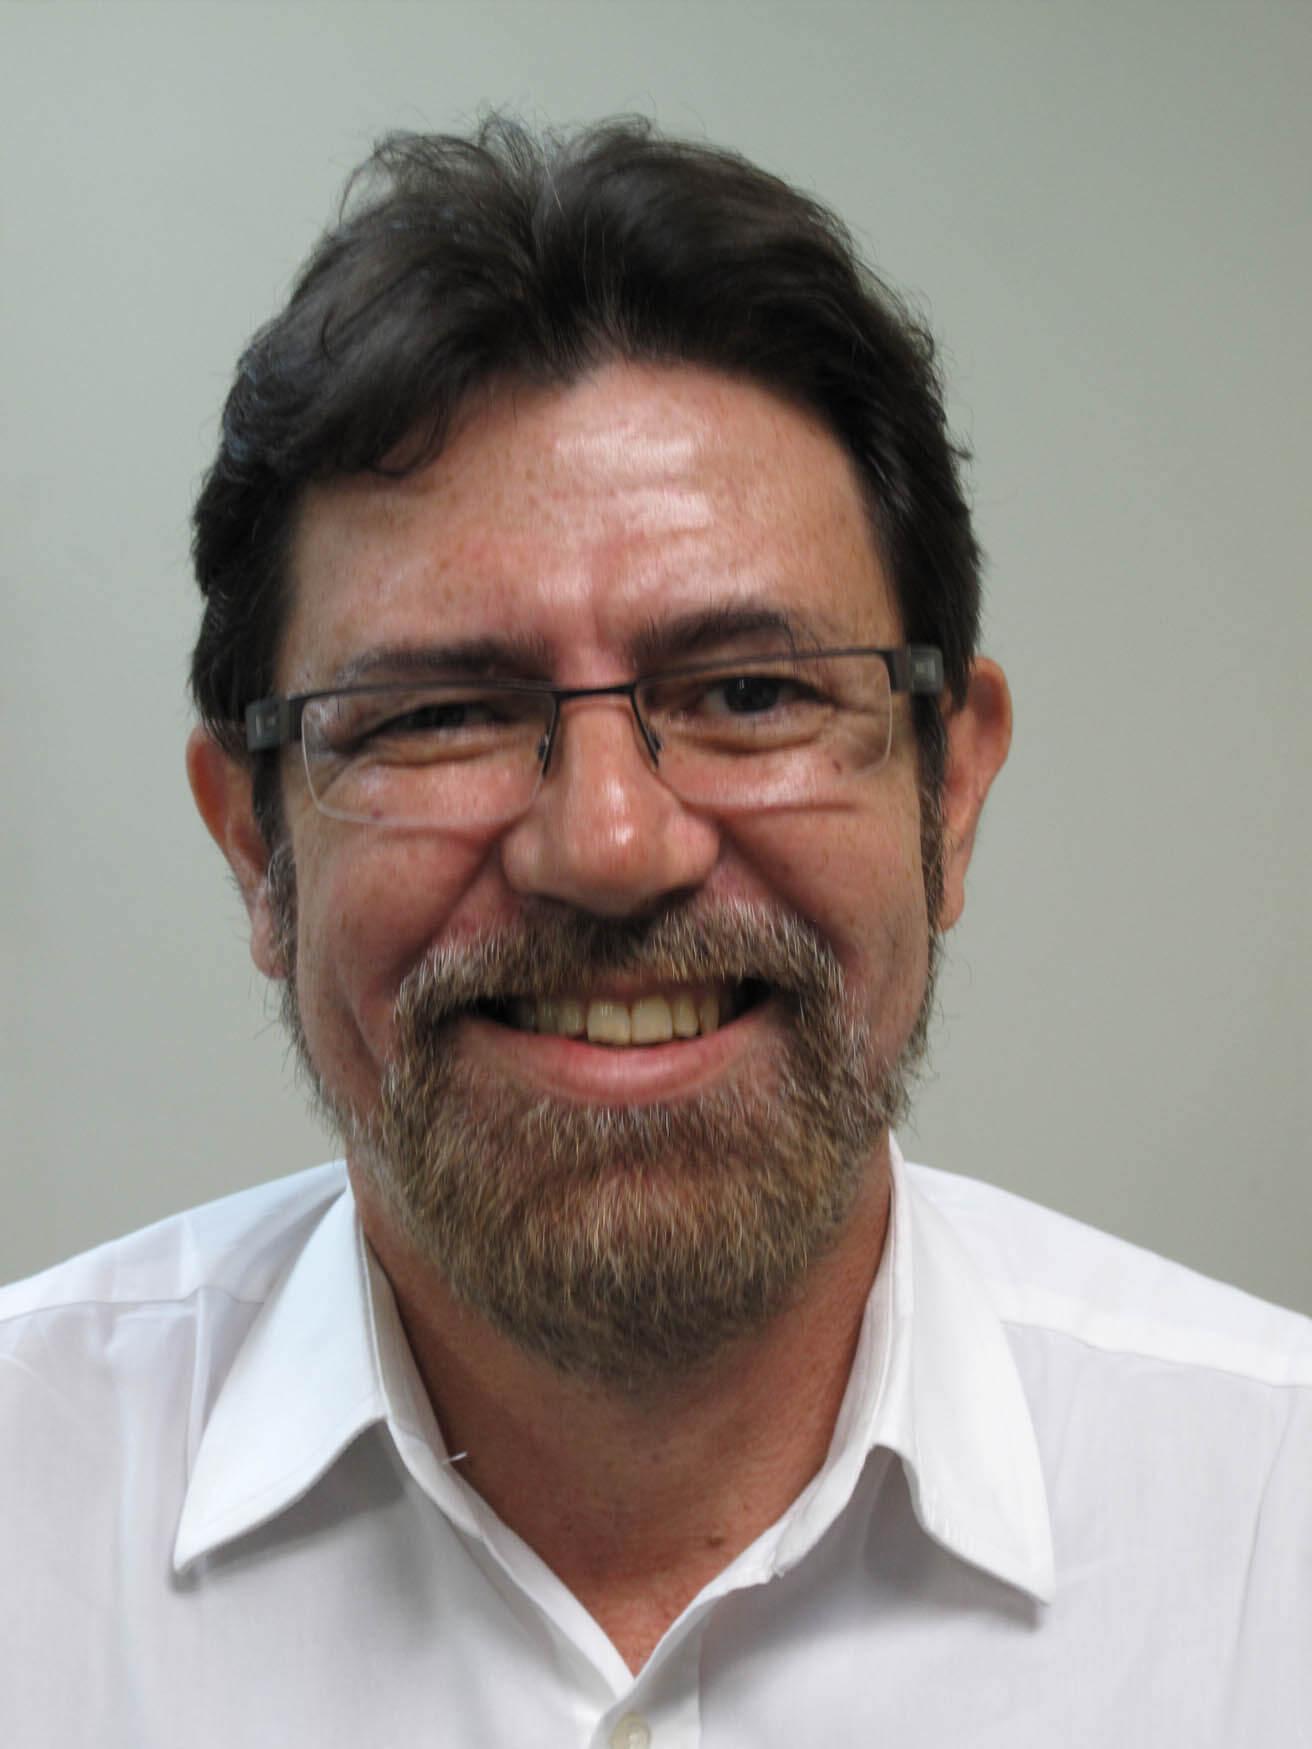 LUIZ ALENCAR REIS DA SILVA MELLO